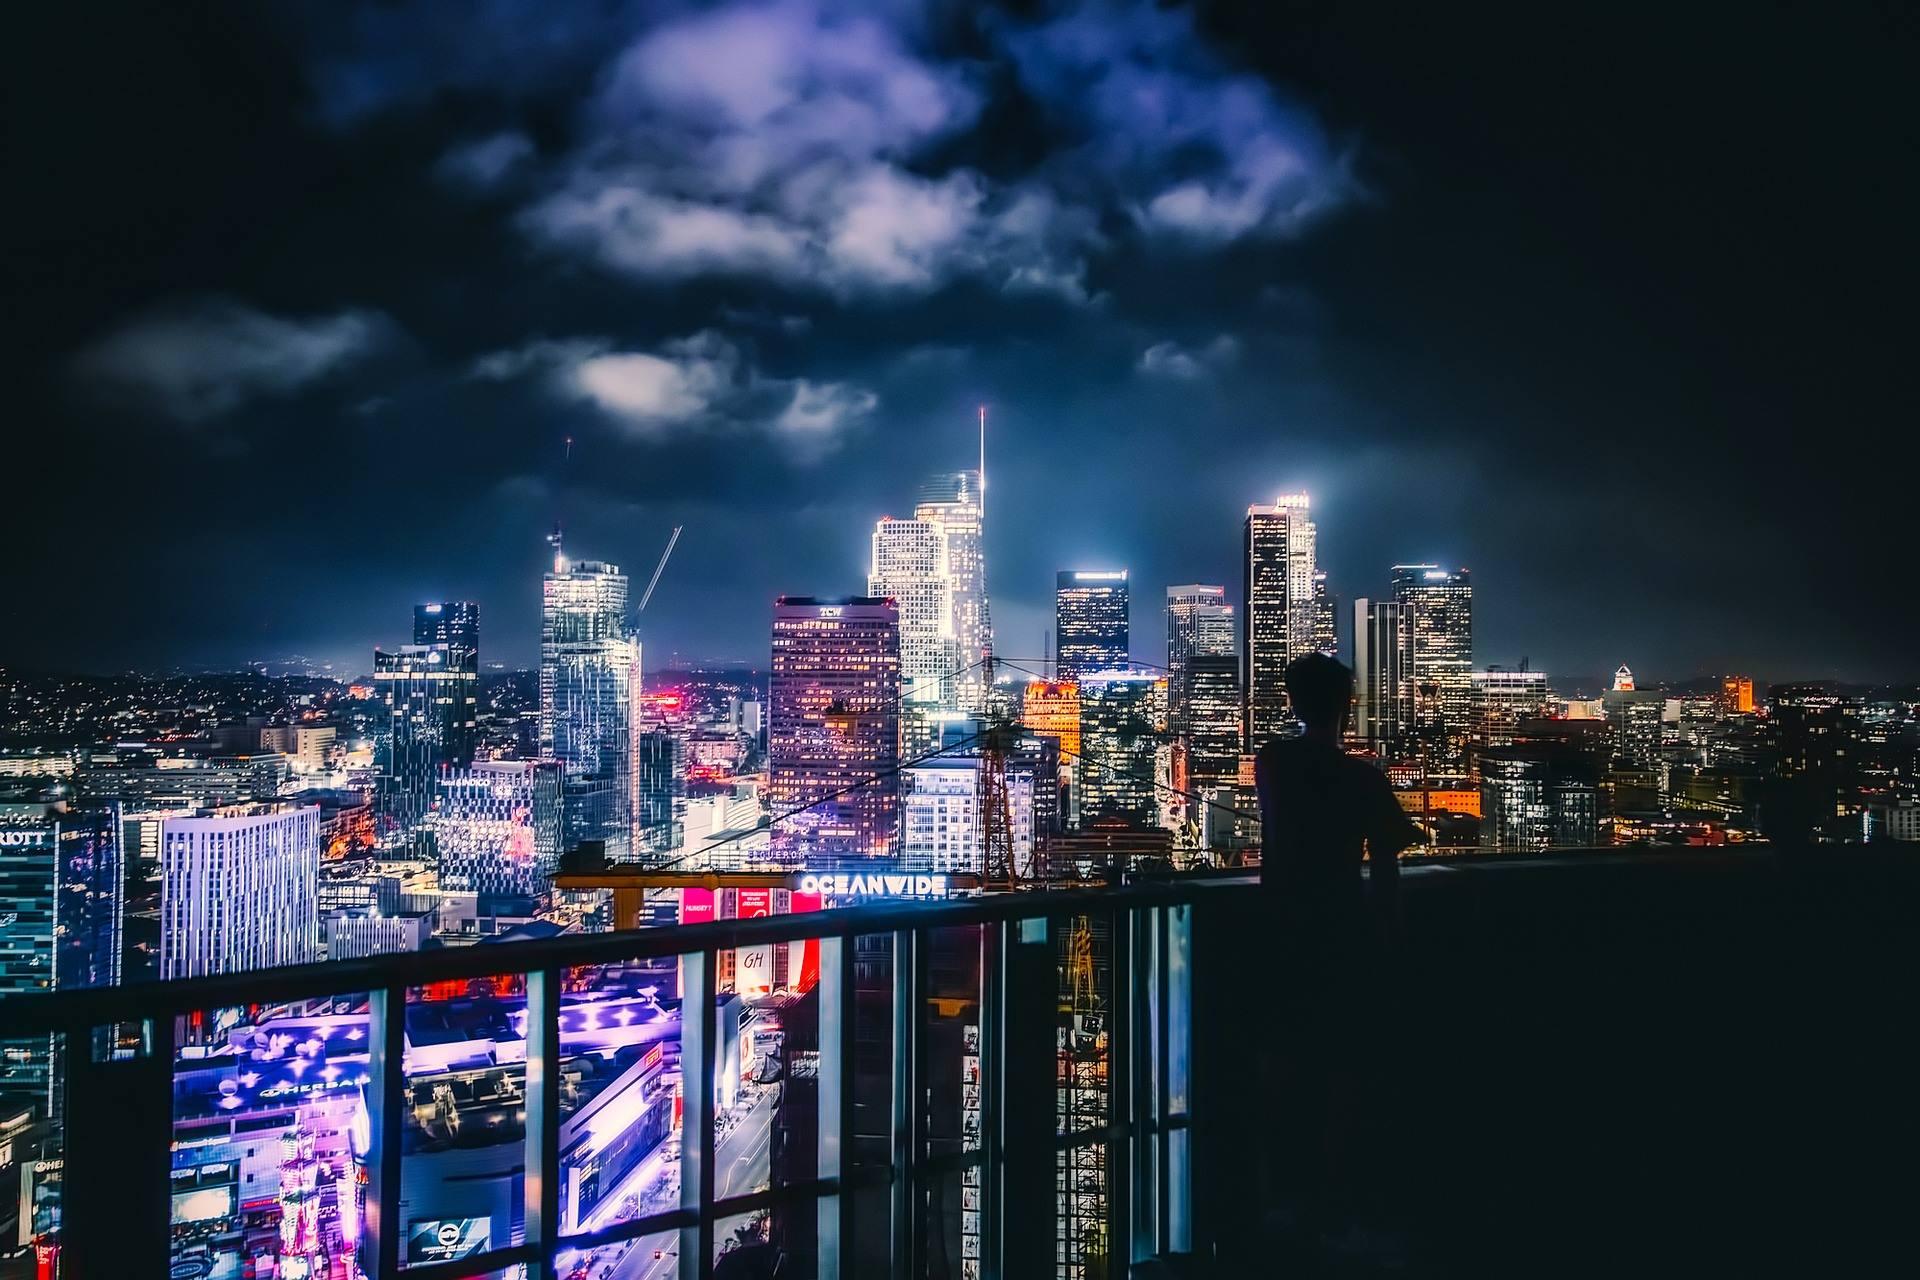 los angeles california cityscape night skyscrapers